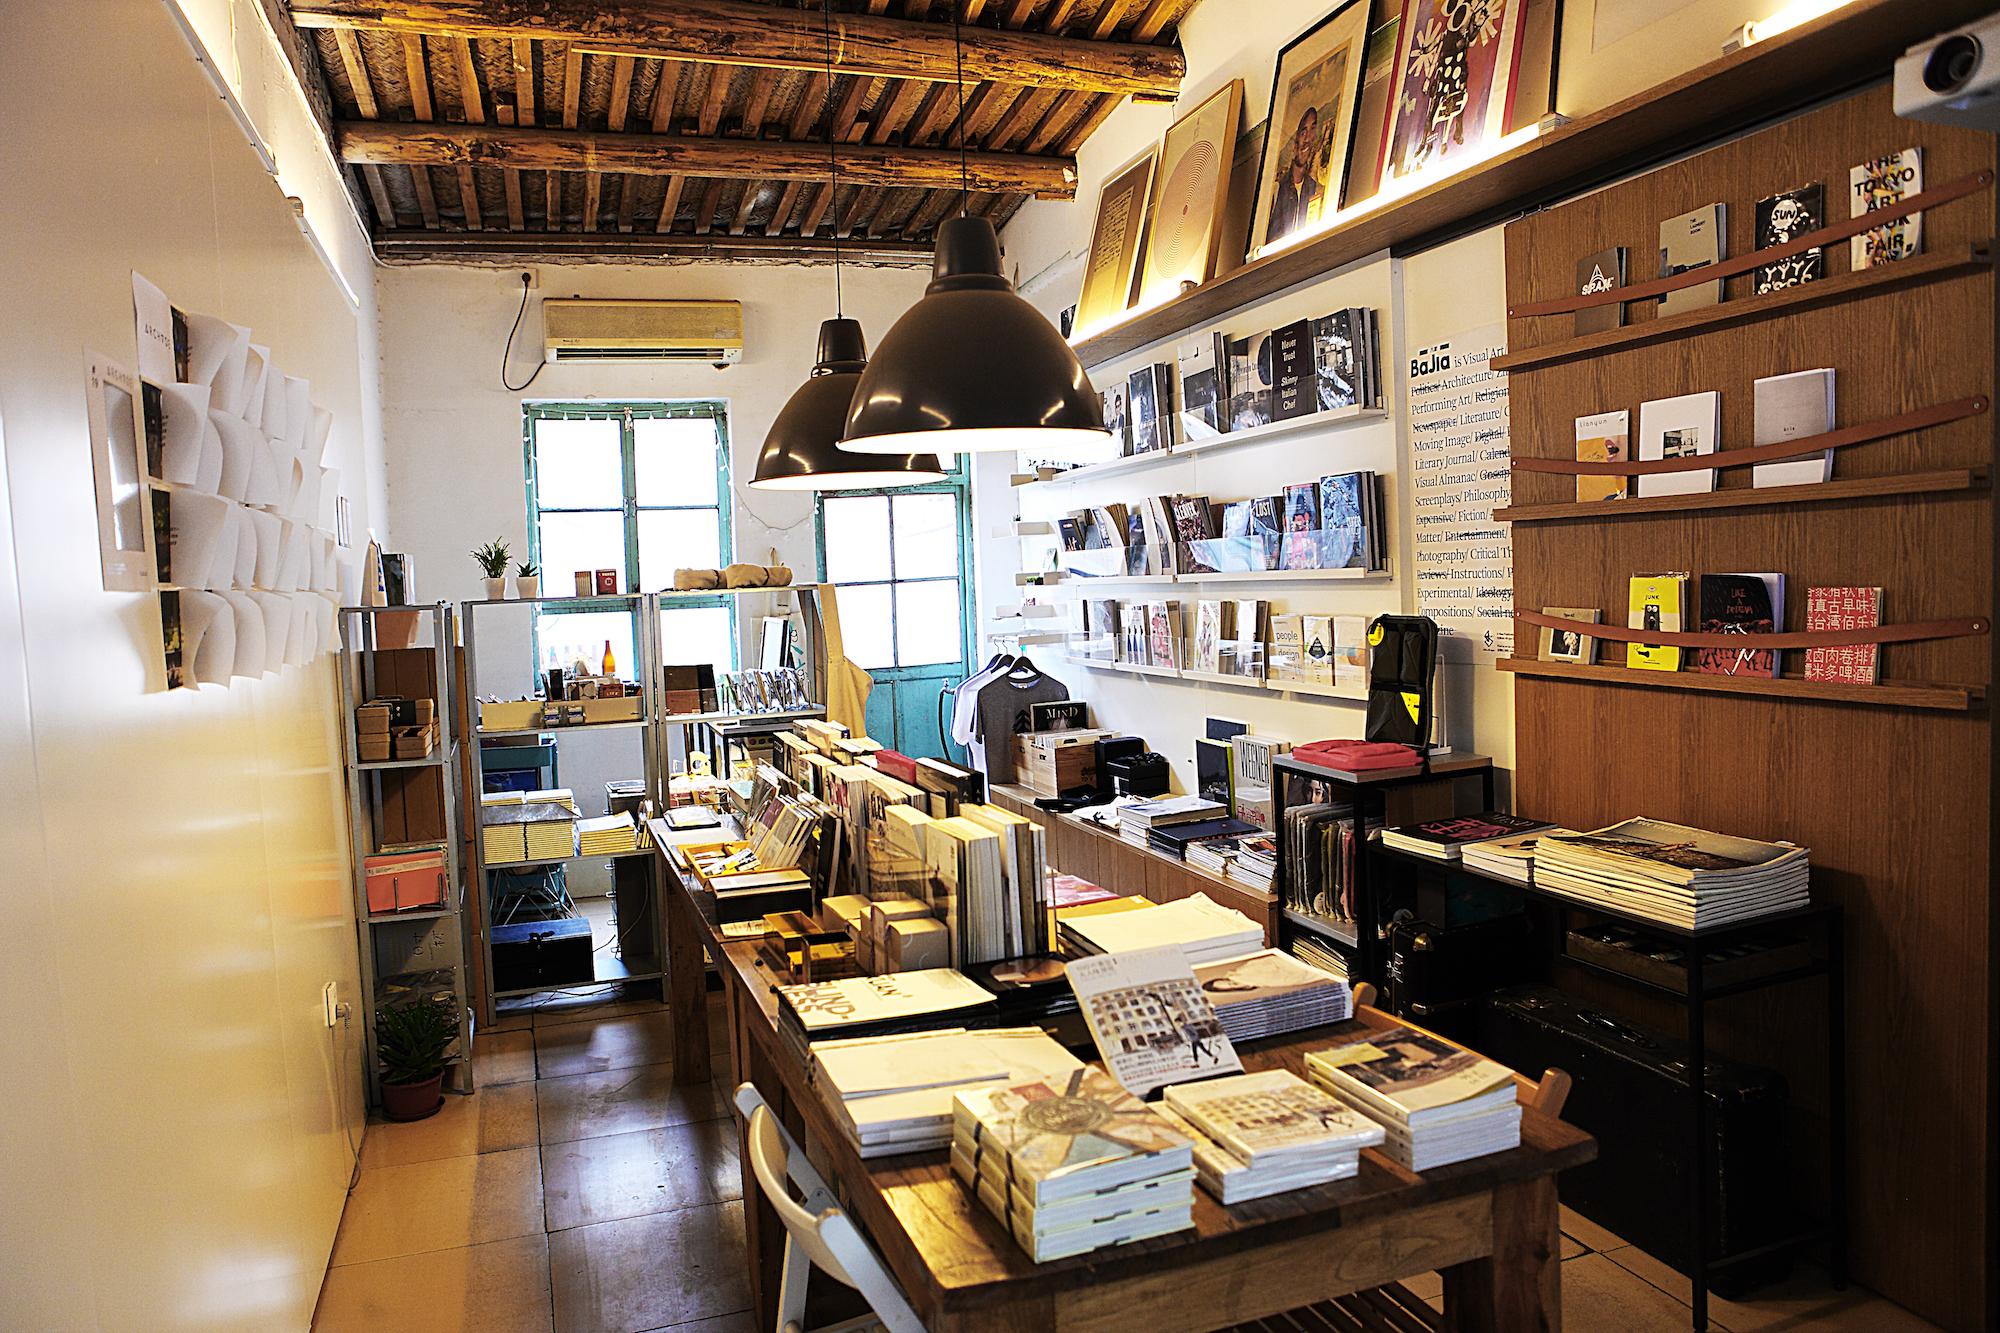 店里的裝修以美式復古工業風格為主,在店鋪中各位還可以看到很多有趣